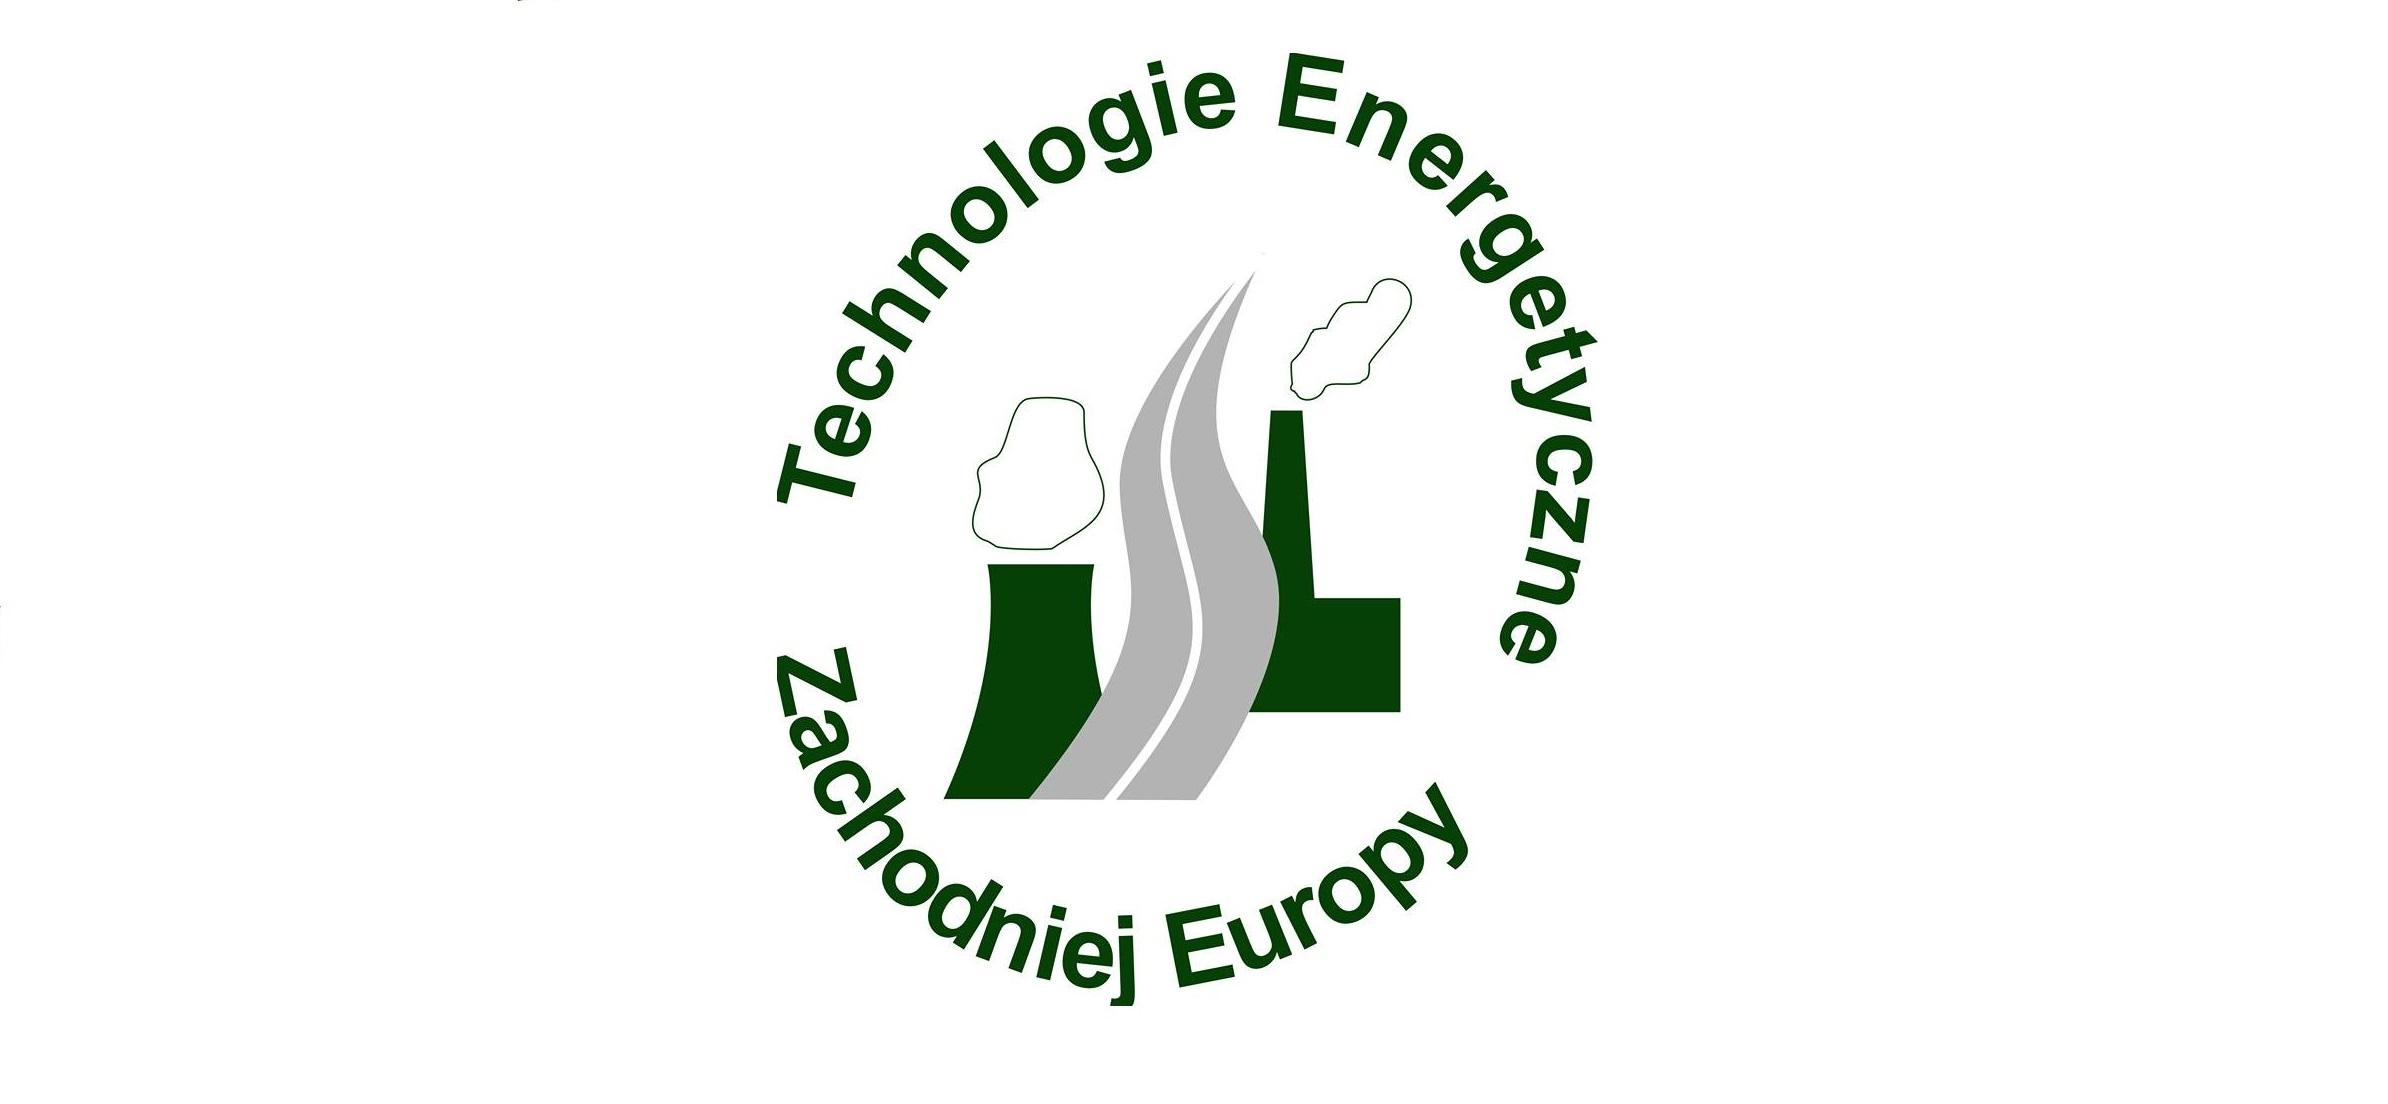 """Wyjazd Naukowo-Techniczny """"Technologie Energetyczne Zachodniej Europy 2018"""""""